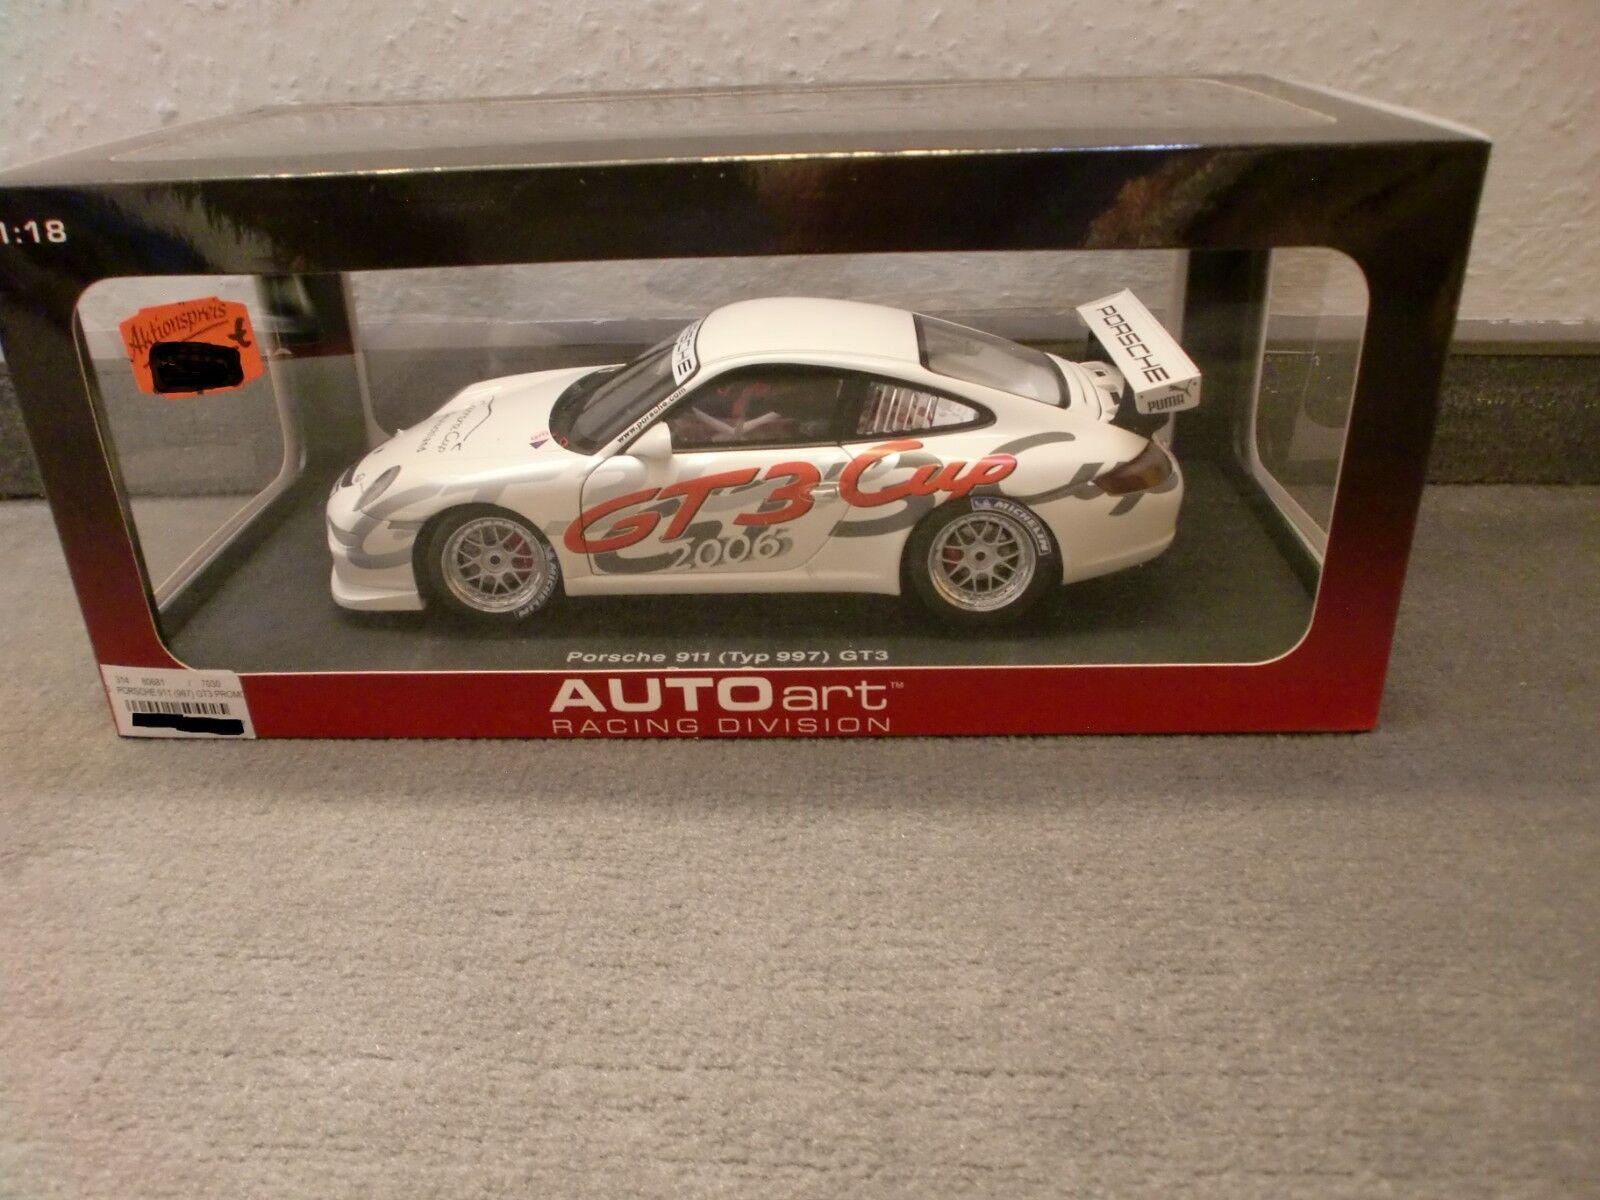 Porsche 911 (997) gt3, Promo Cup, 2006, Autoart, nuevo, 1 18